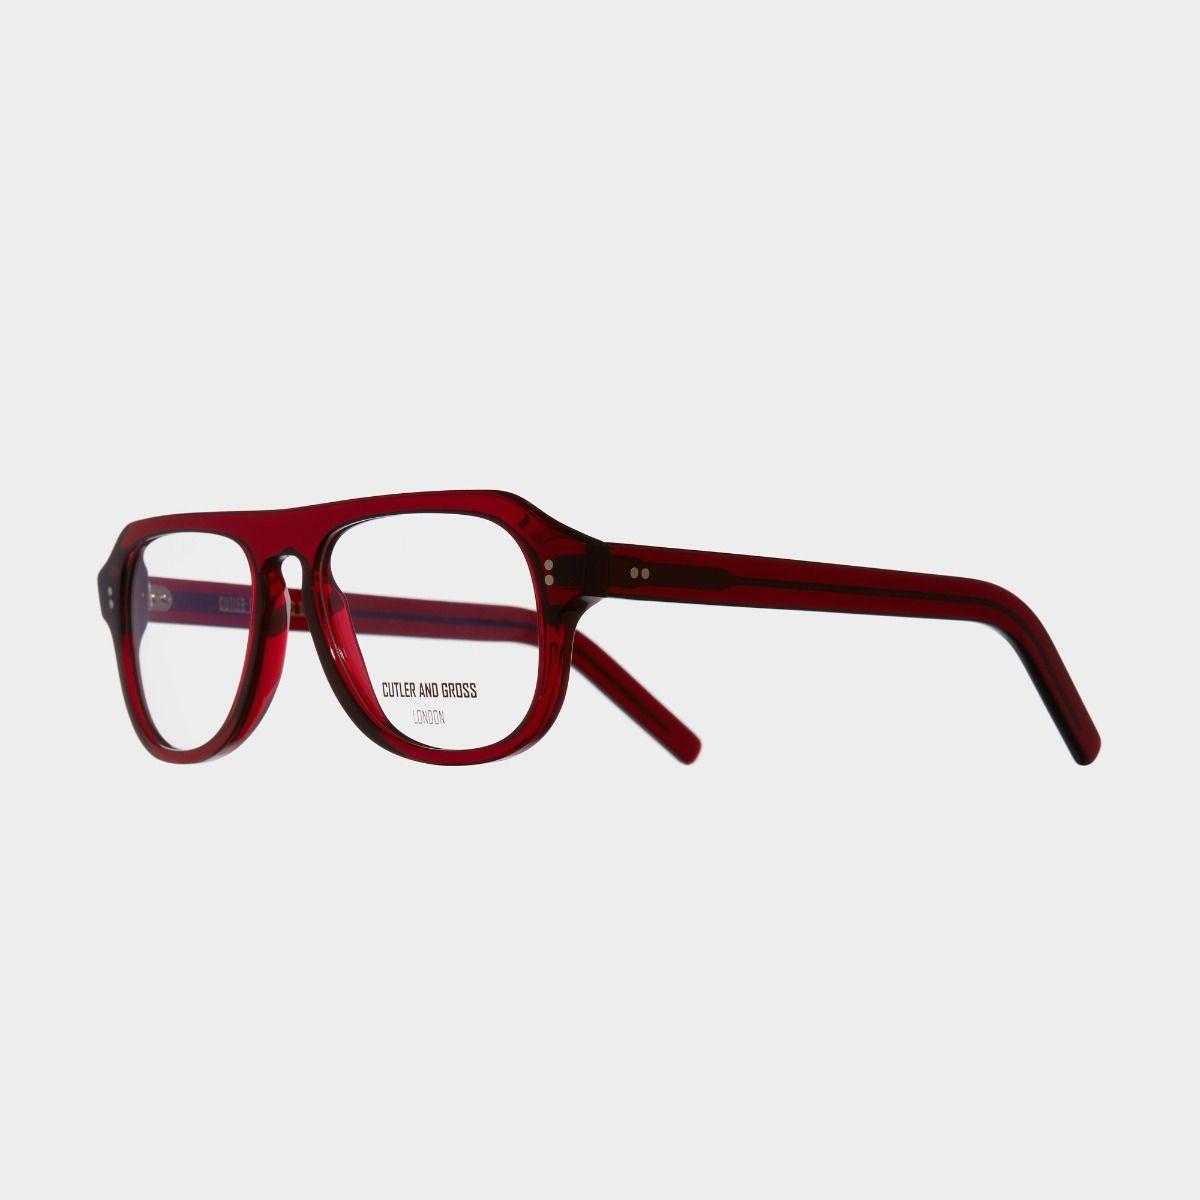 0822V2 Optical Aviator Glasses-Bordeaux Red